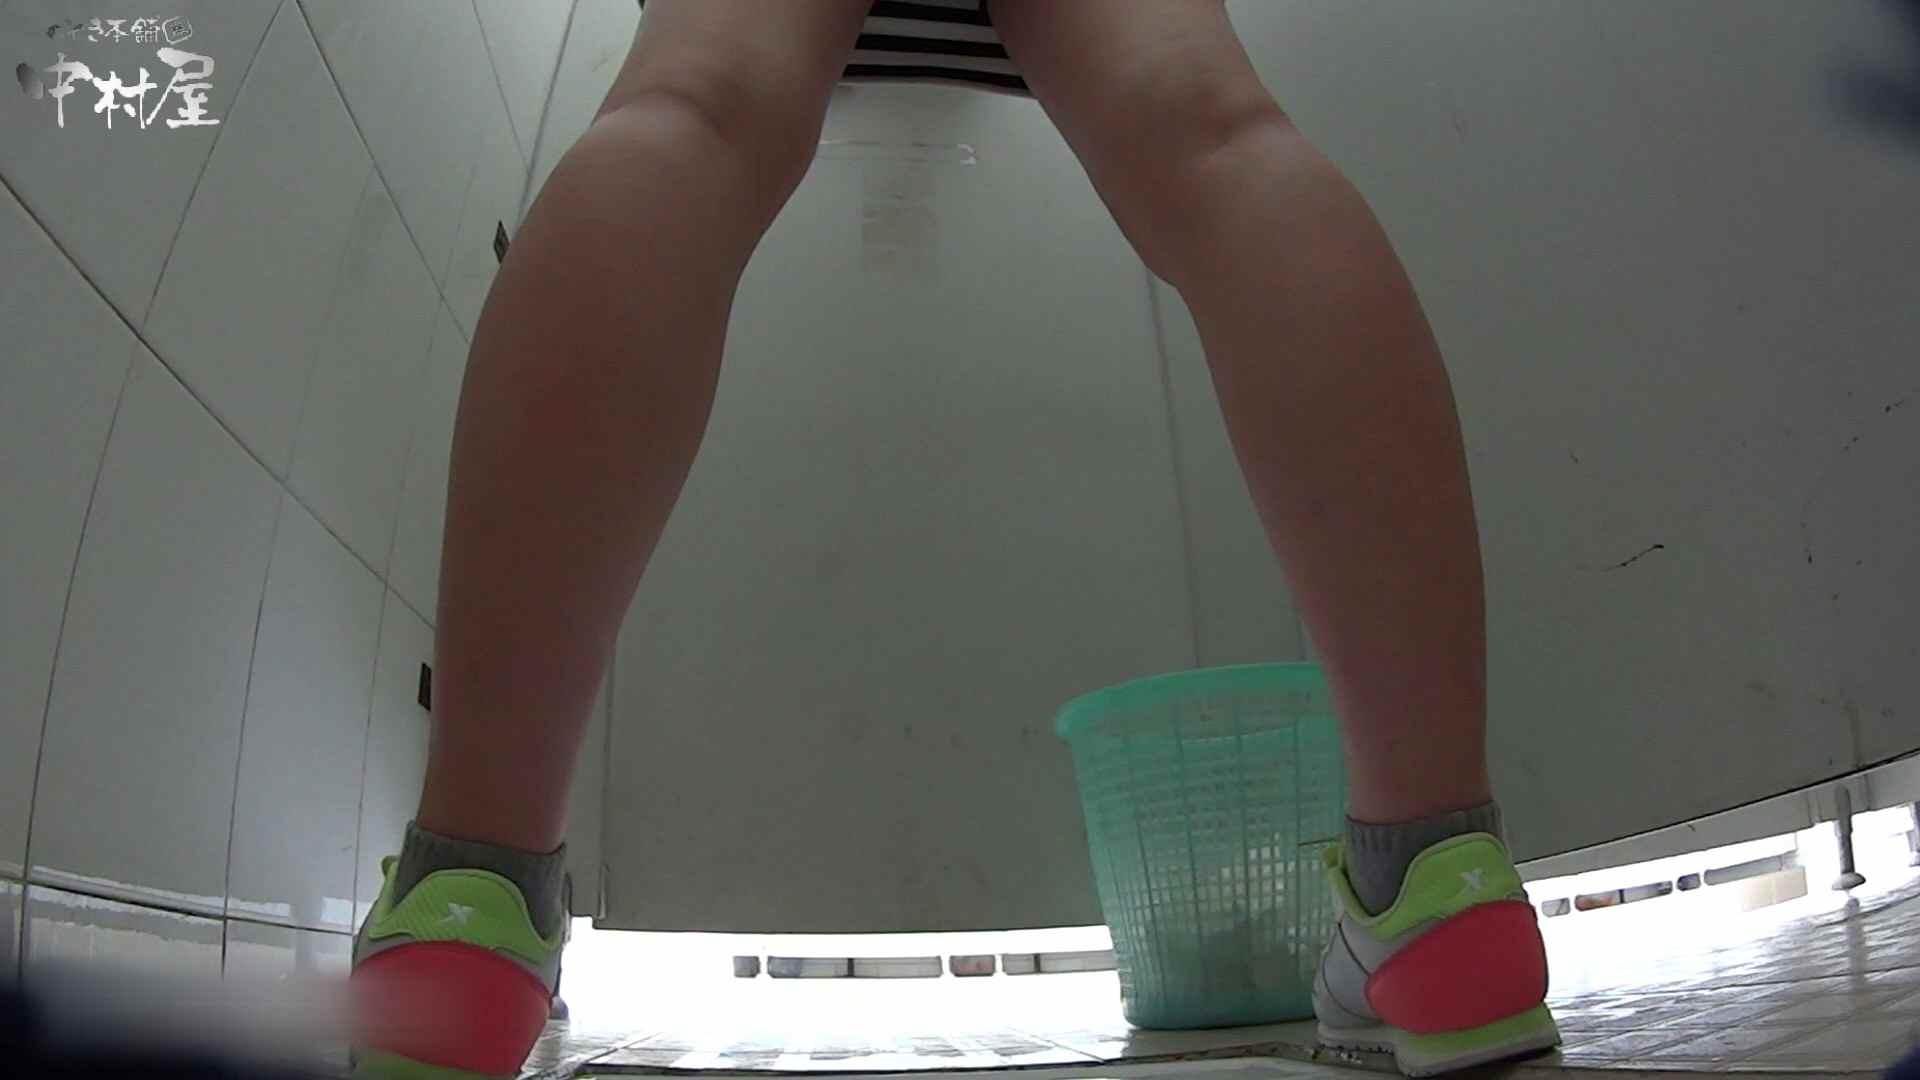 美しい女良たちのトイレ事情 有名大学休憩時間の洗面所事情06 トイレ 覗き性交動画流出 110画像 110